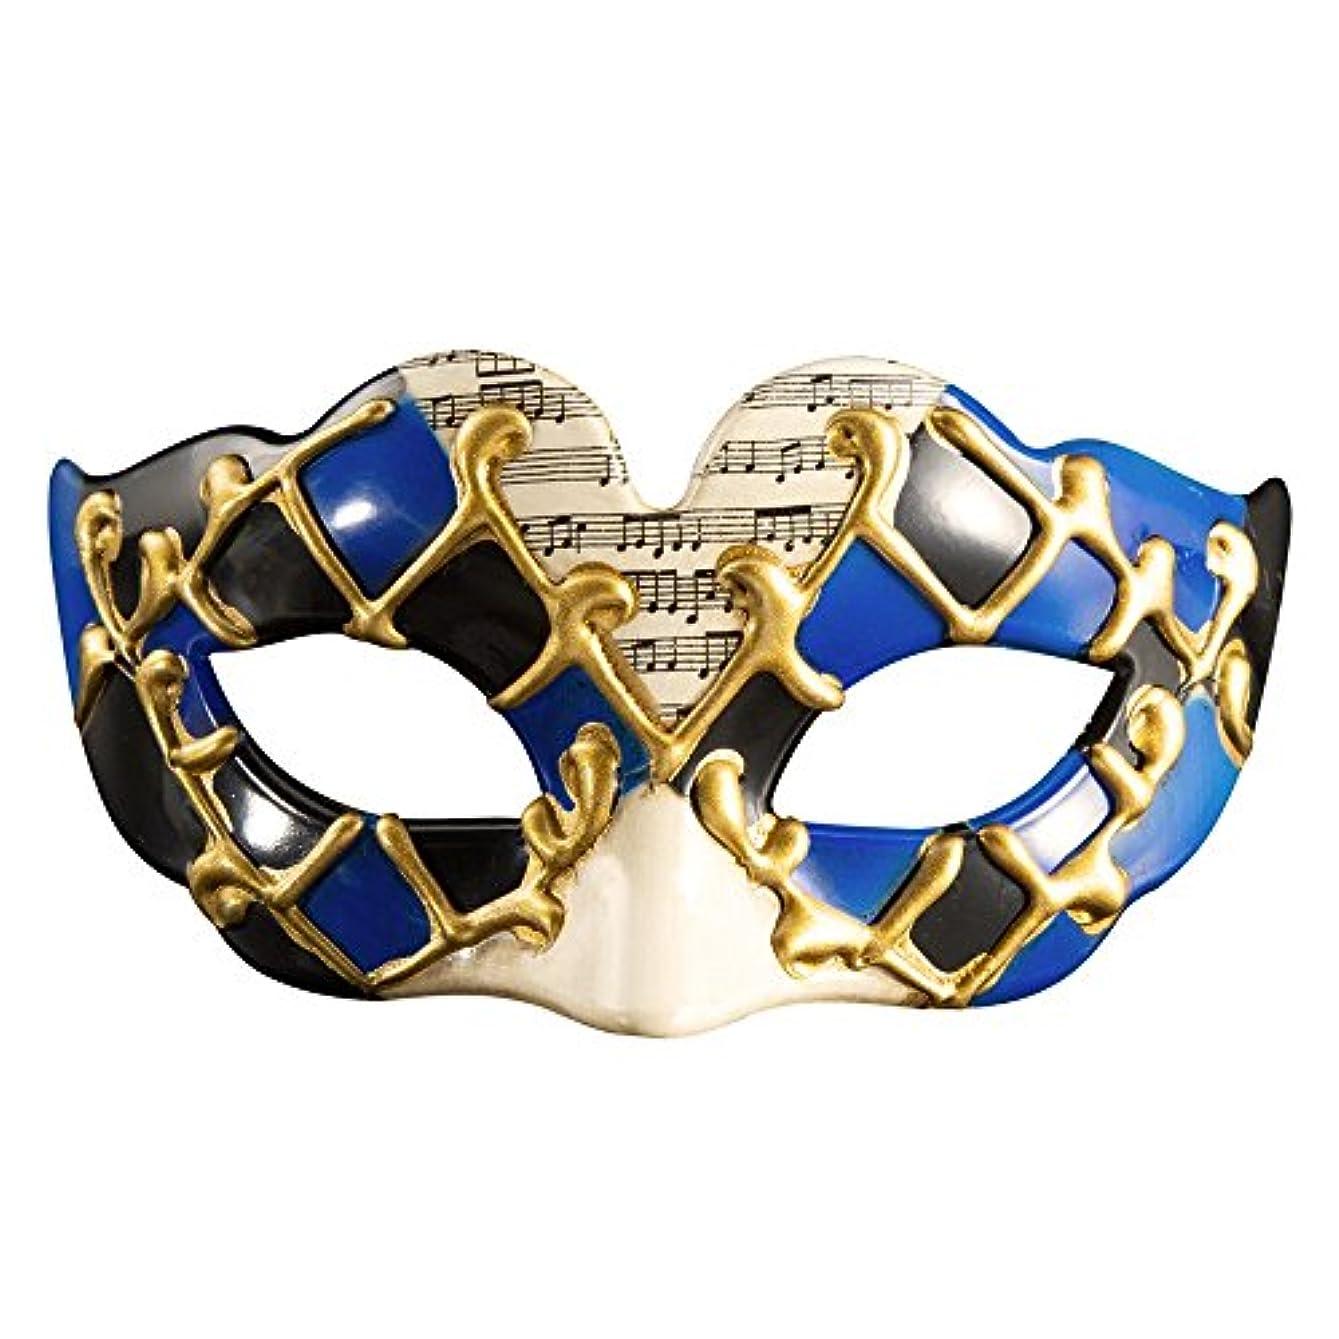 活性化するとてもおばさんクリエイティブキッズハーフフェイスハロウィンマスクパーティー新しいファンシードレスボールマスク (Color : #2)